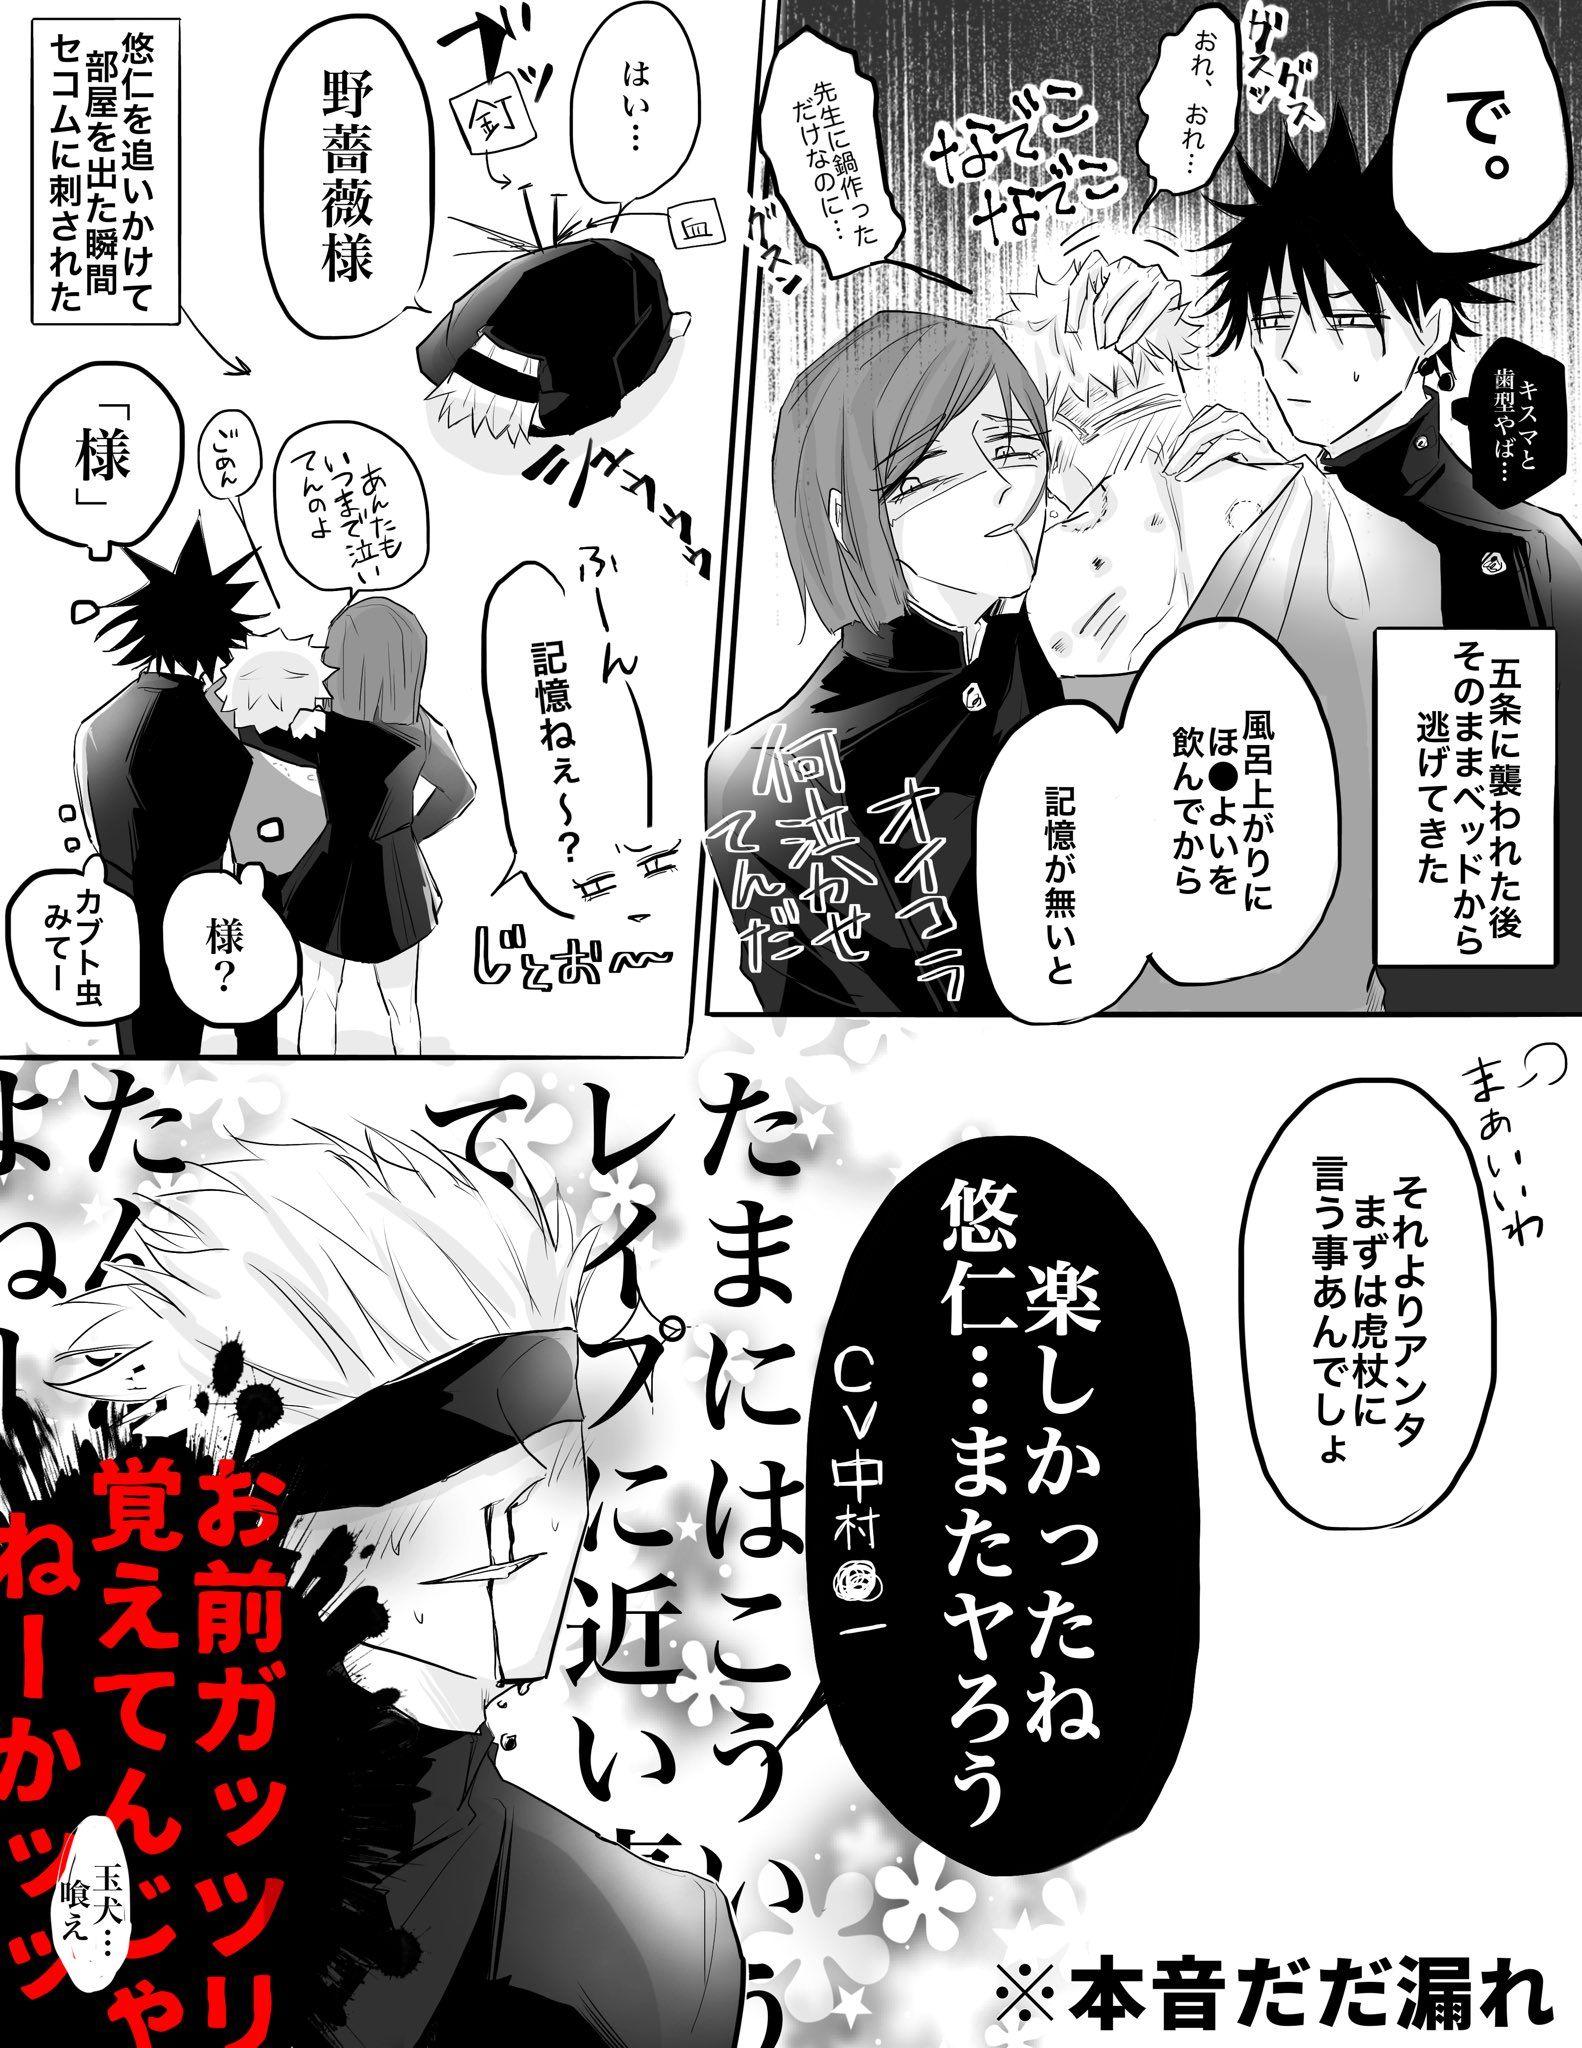 けー on Twitter